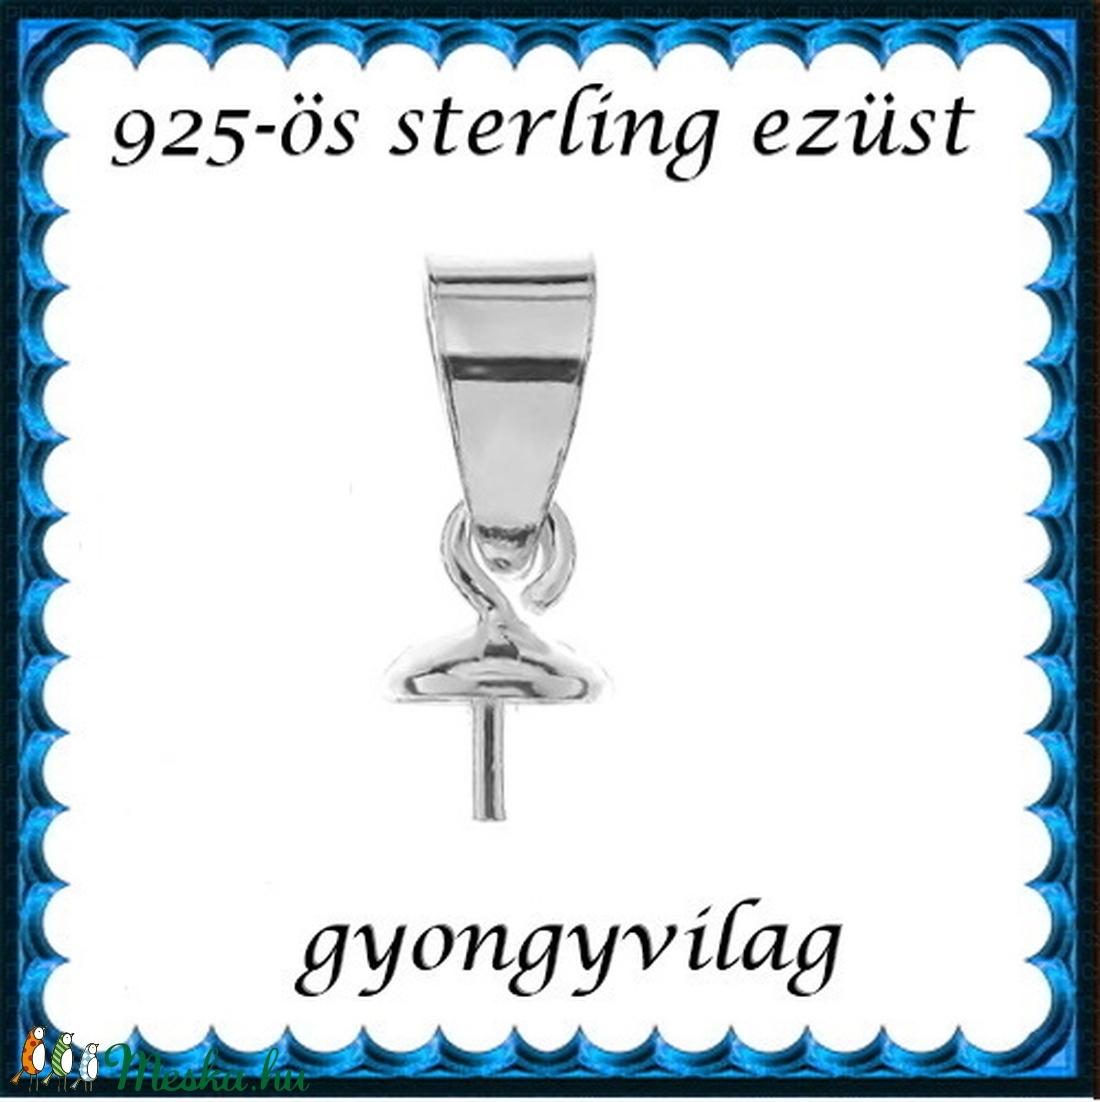 925-ös sterling ezüst ékszerkellék: medáltartó, medálkapocs EMK 108e - gyöngy, ékszerkellék - egyéb alkatrész - Meska.hu